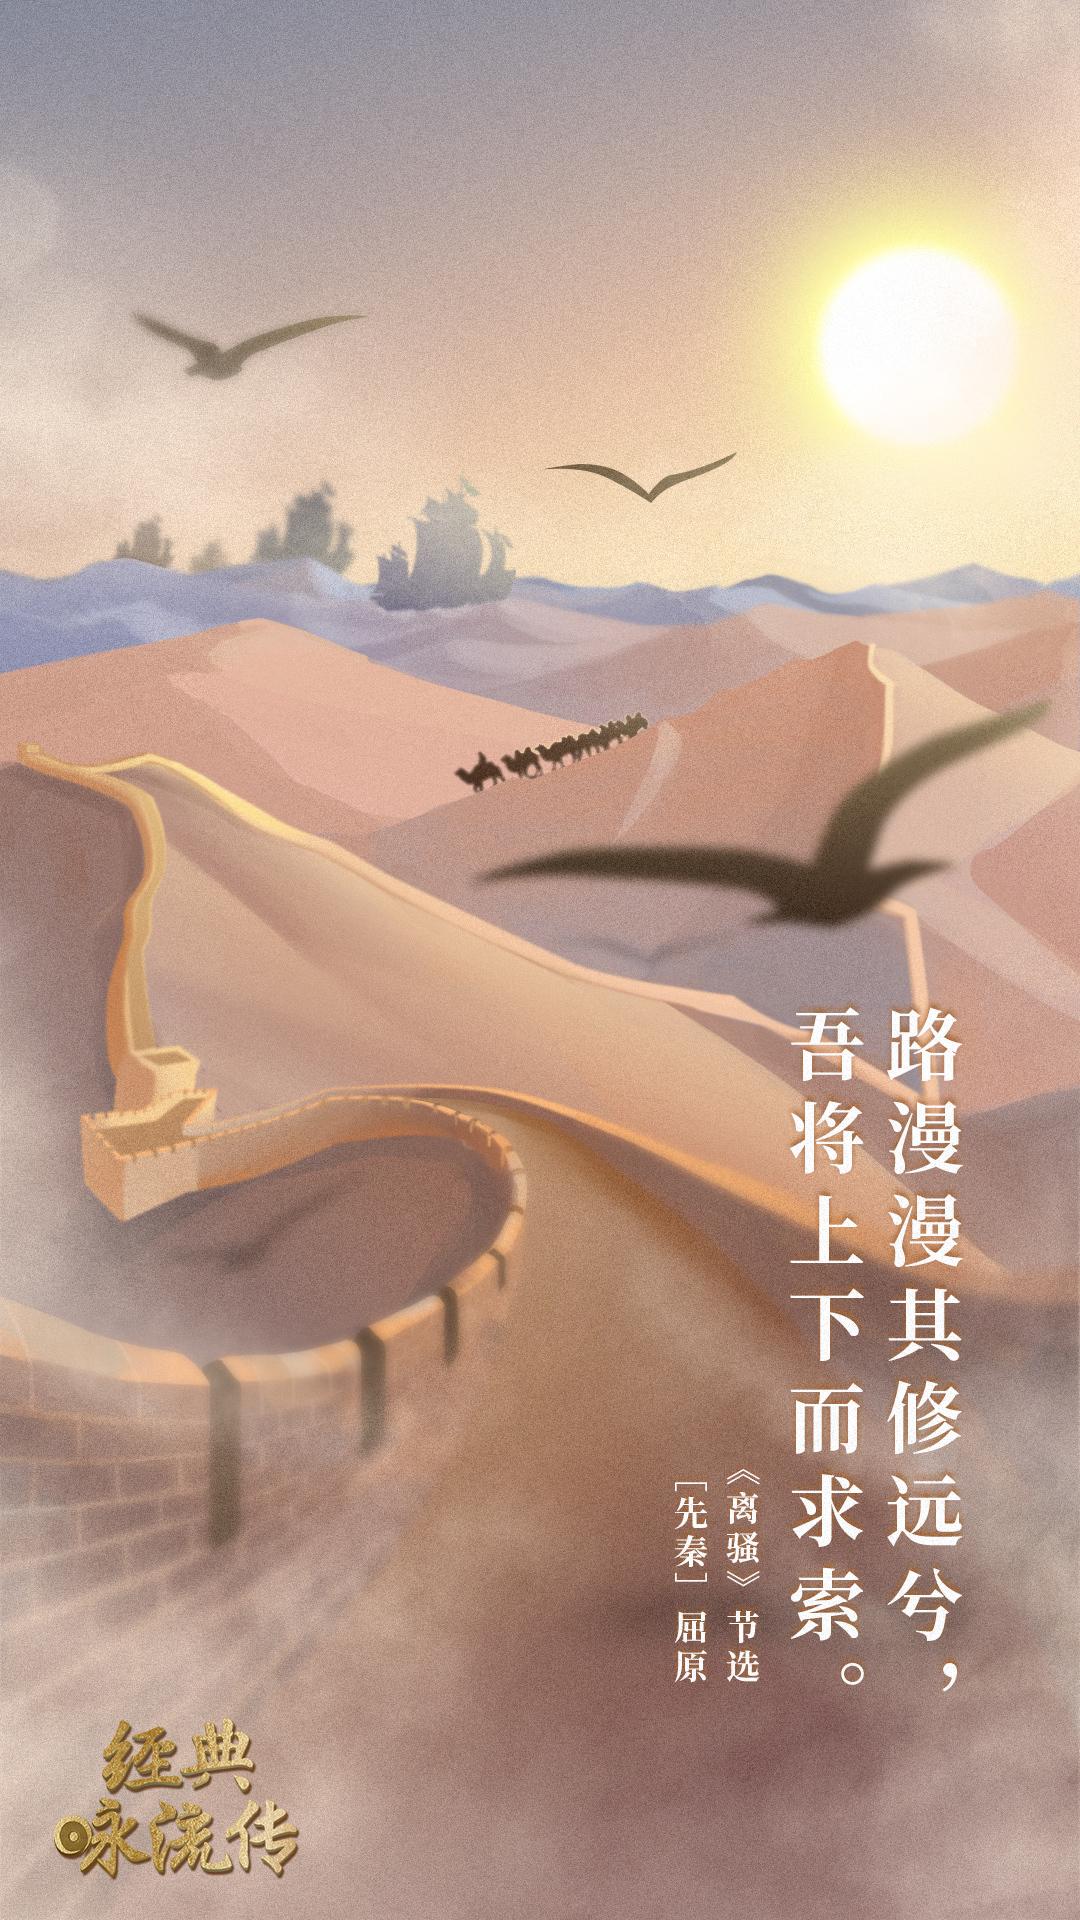 《经典咏流传》诗词意境海报合集 欣赏-第30张